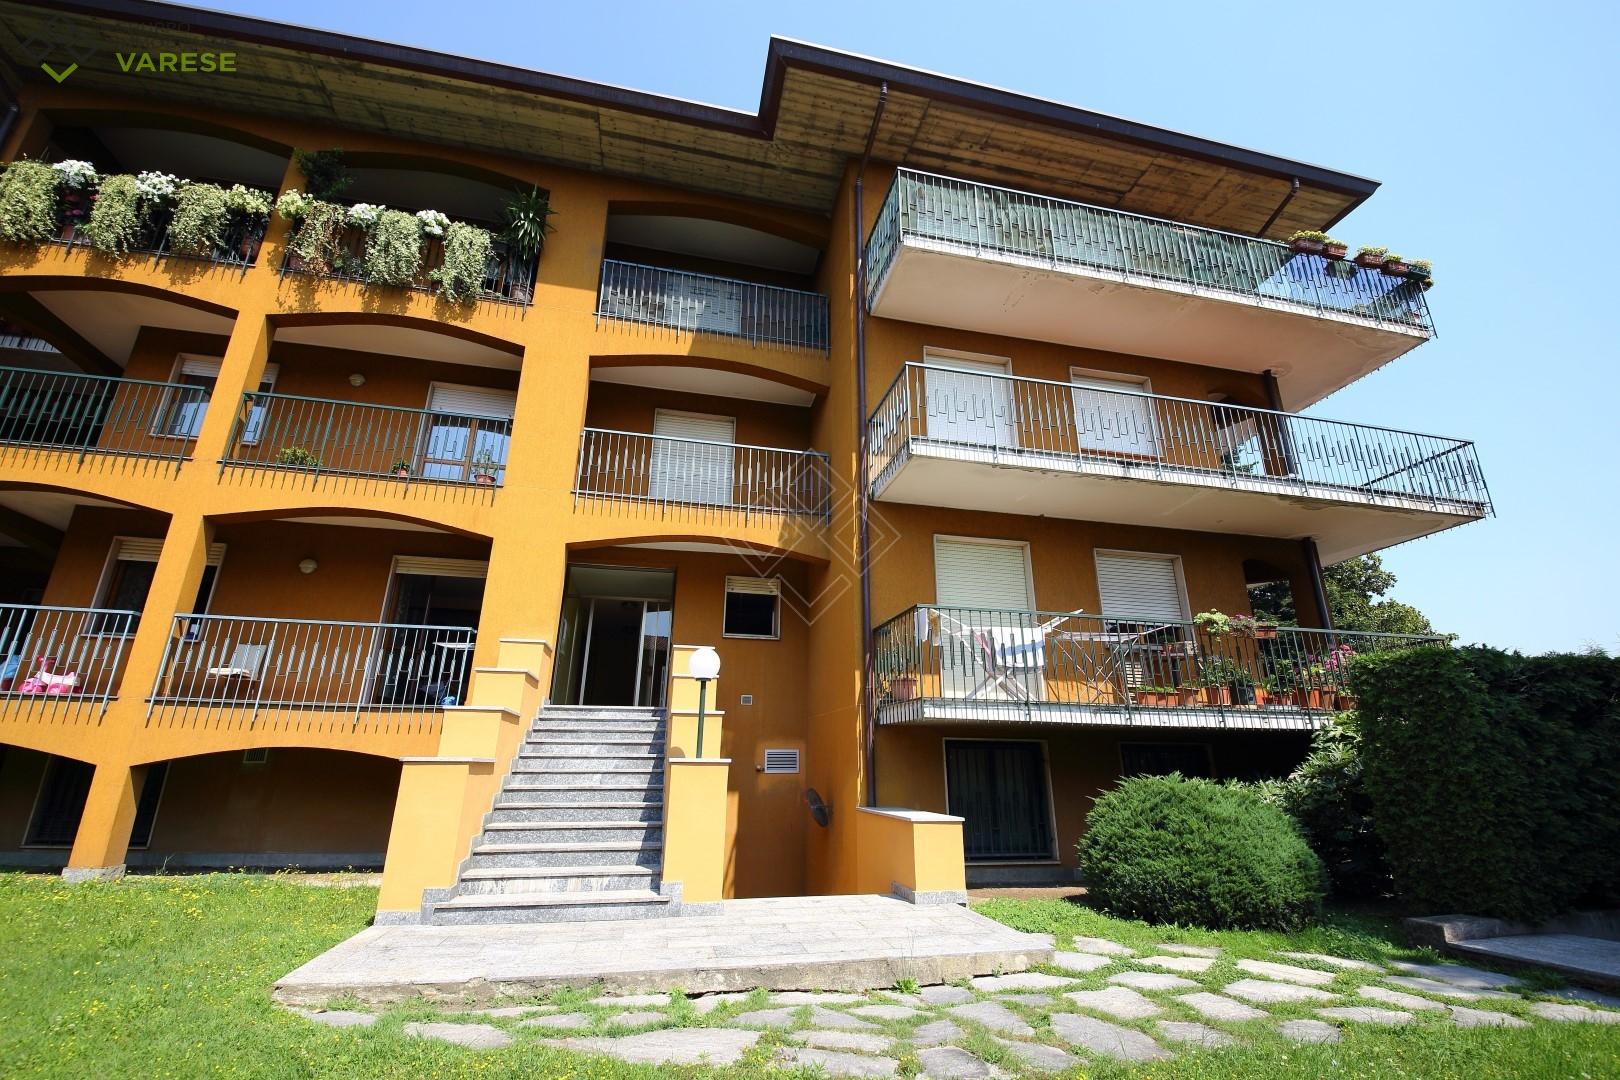 Appartamento in vendita a Brebbia, 5 locali, prezzo € 120.000 | CambioCasa.it